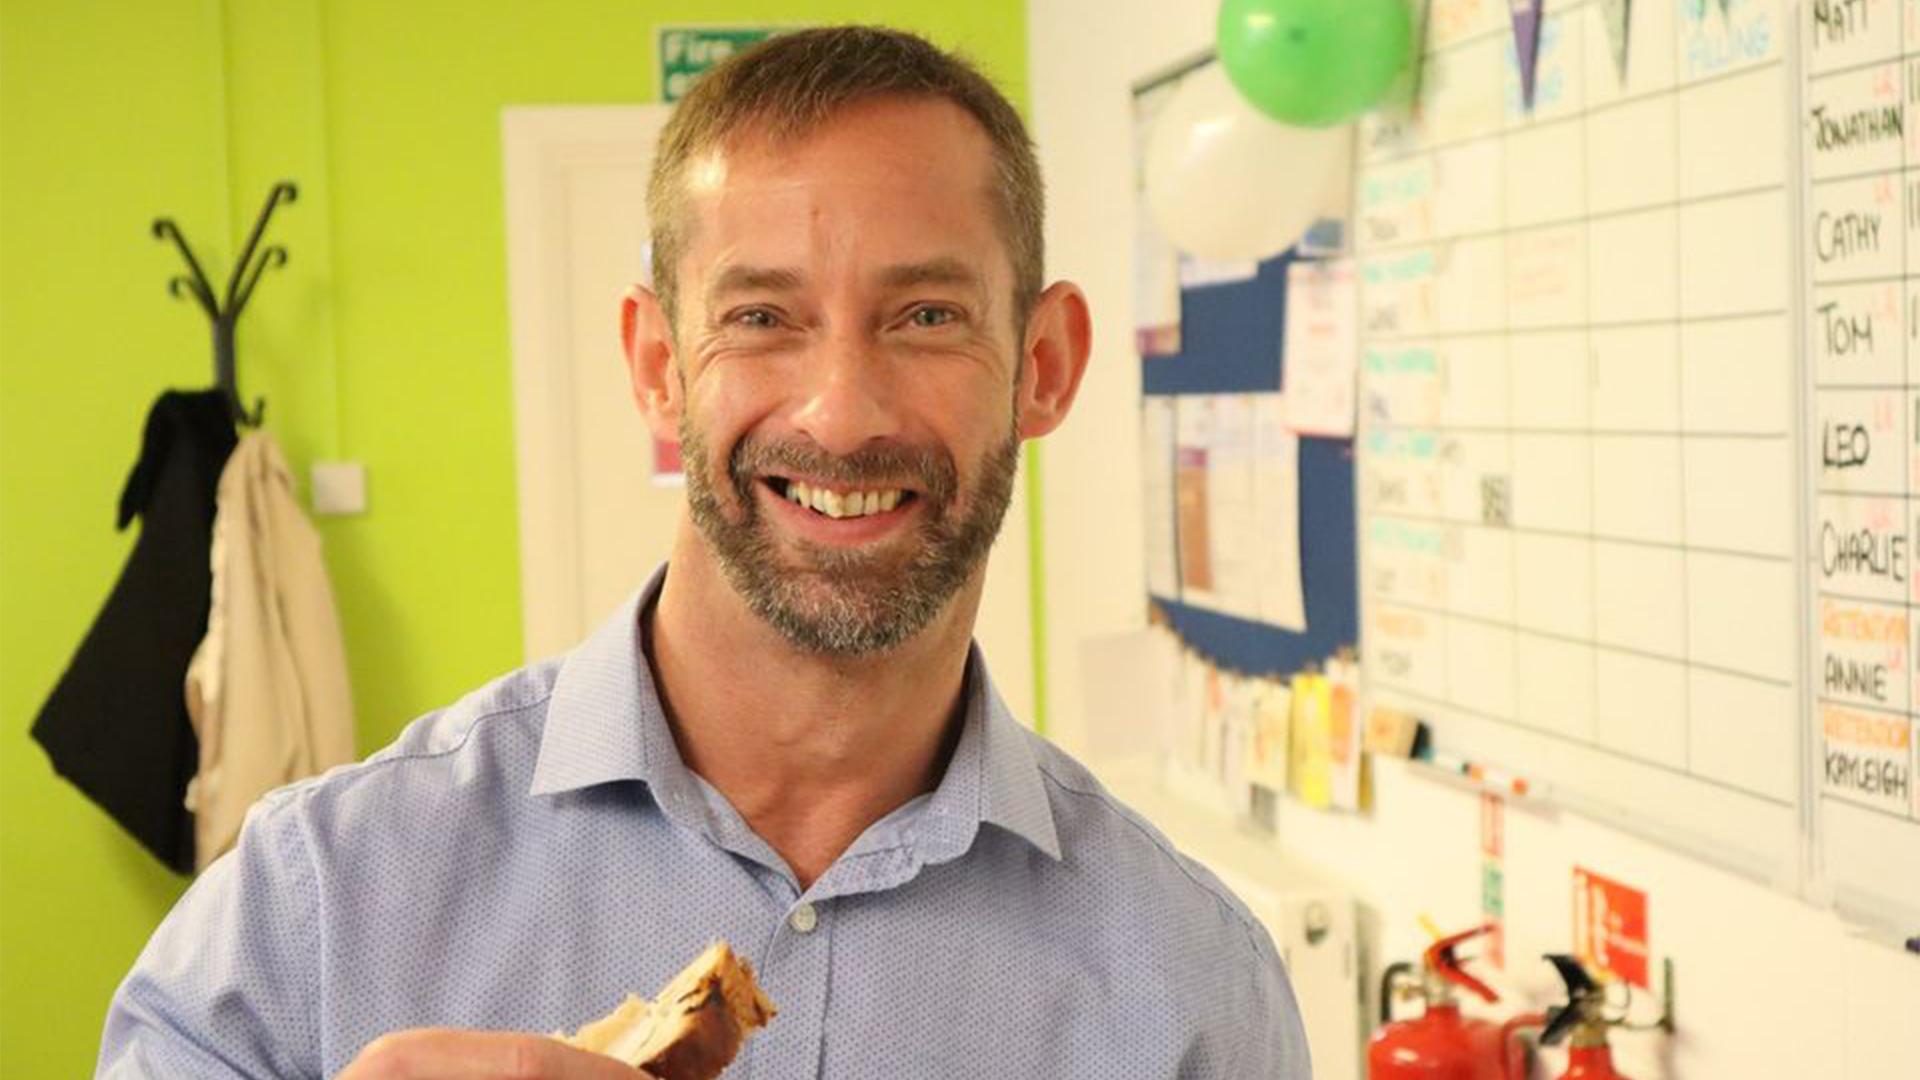 Chris Enjoying Some Cake | Hullmoneyman